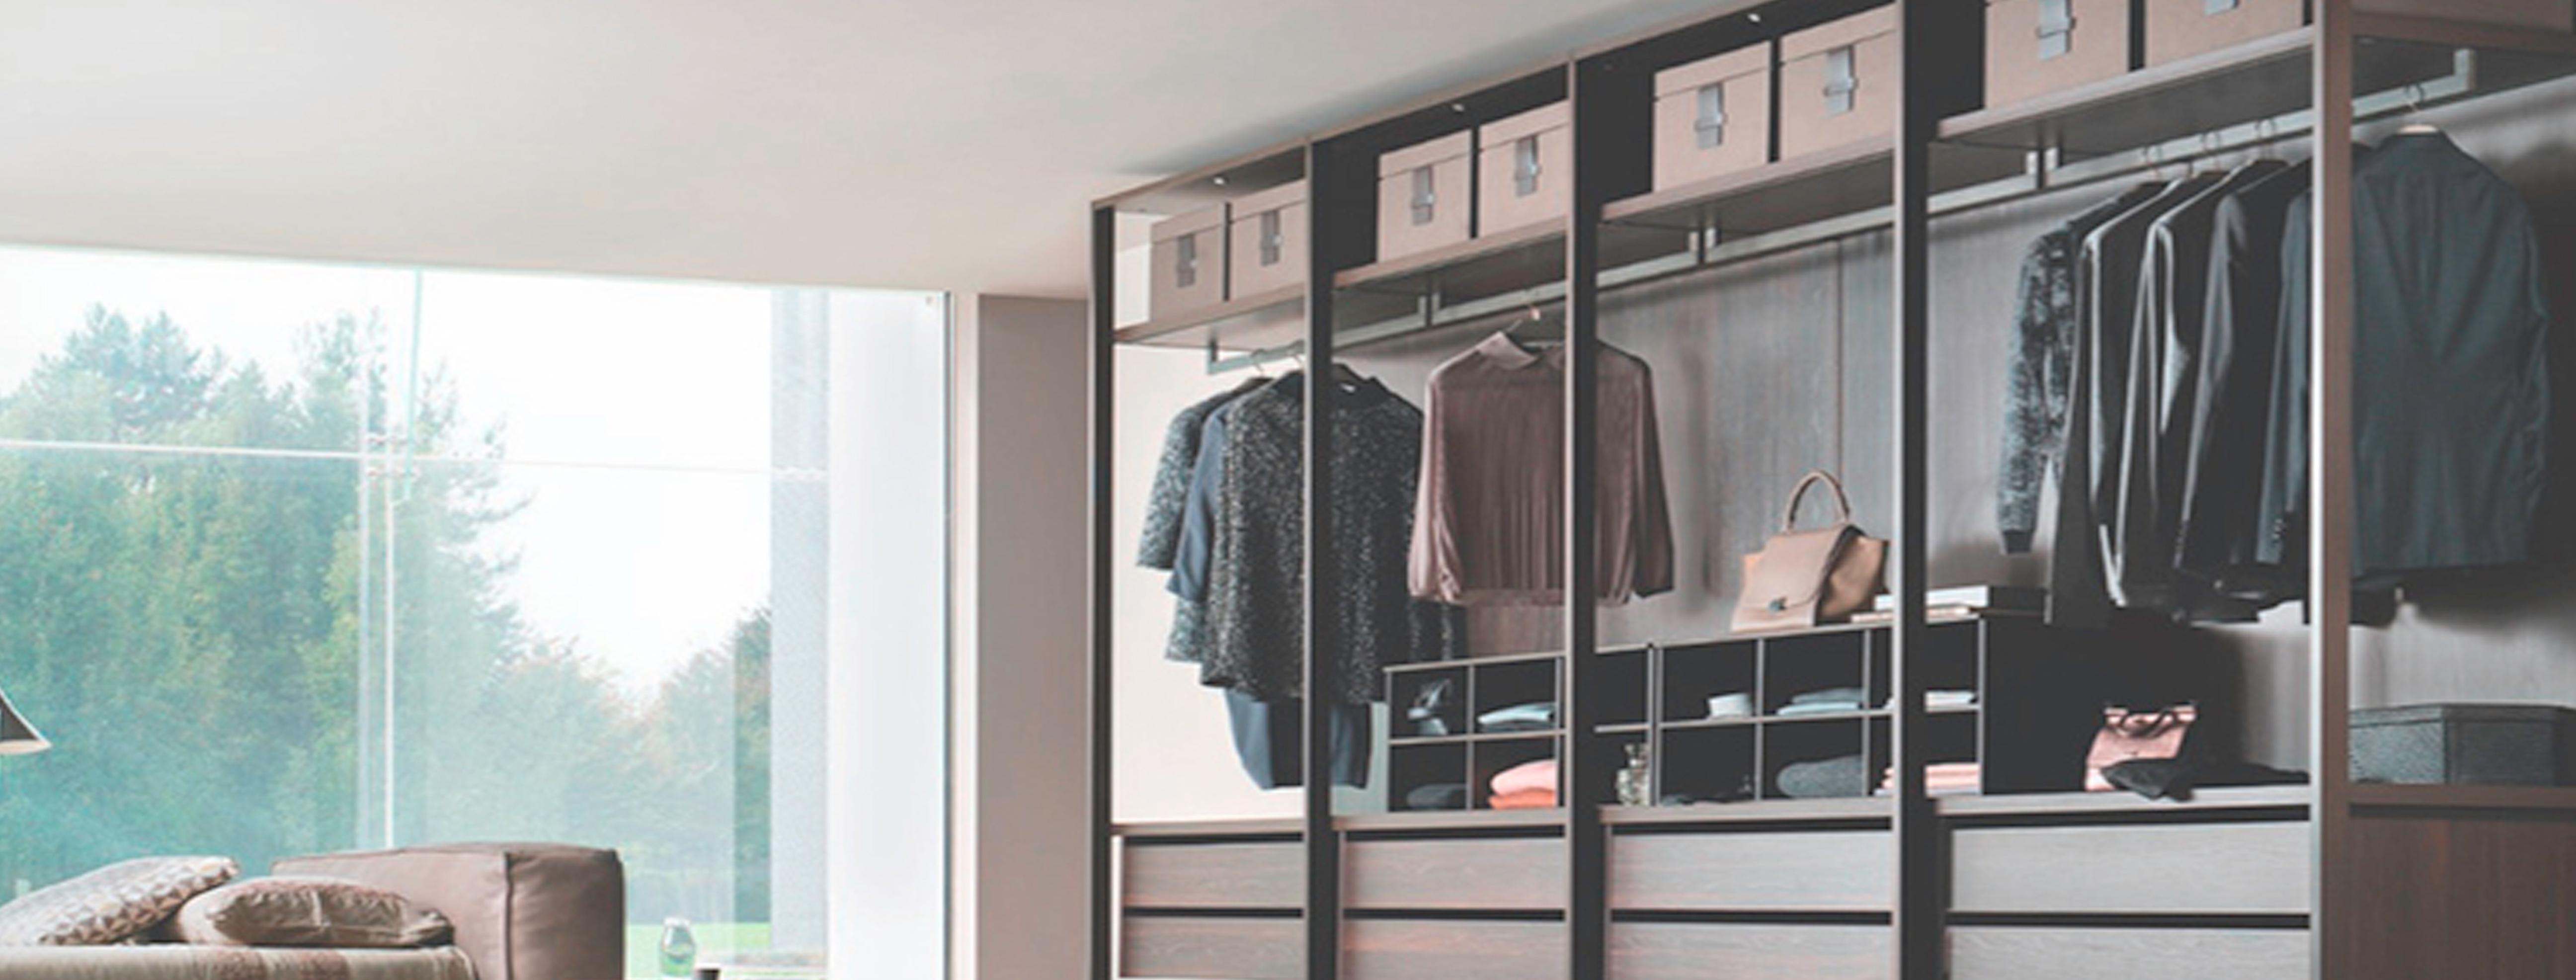 Tribeca armarios empotrados vestidores a medida Bilbao